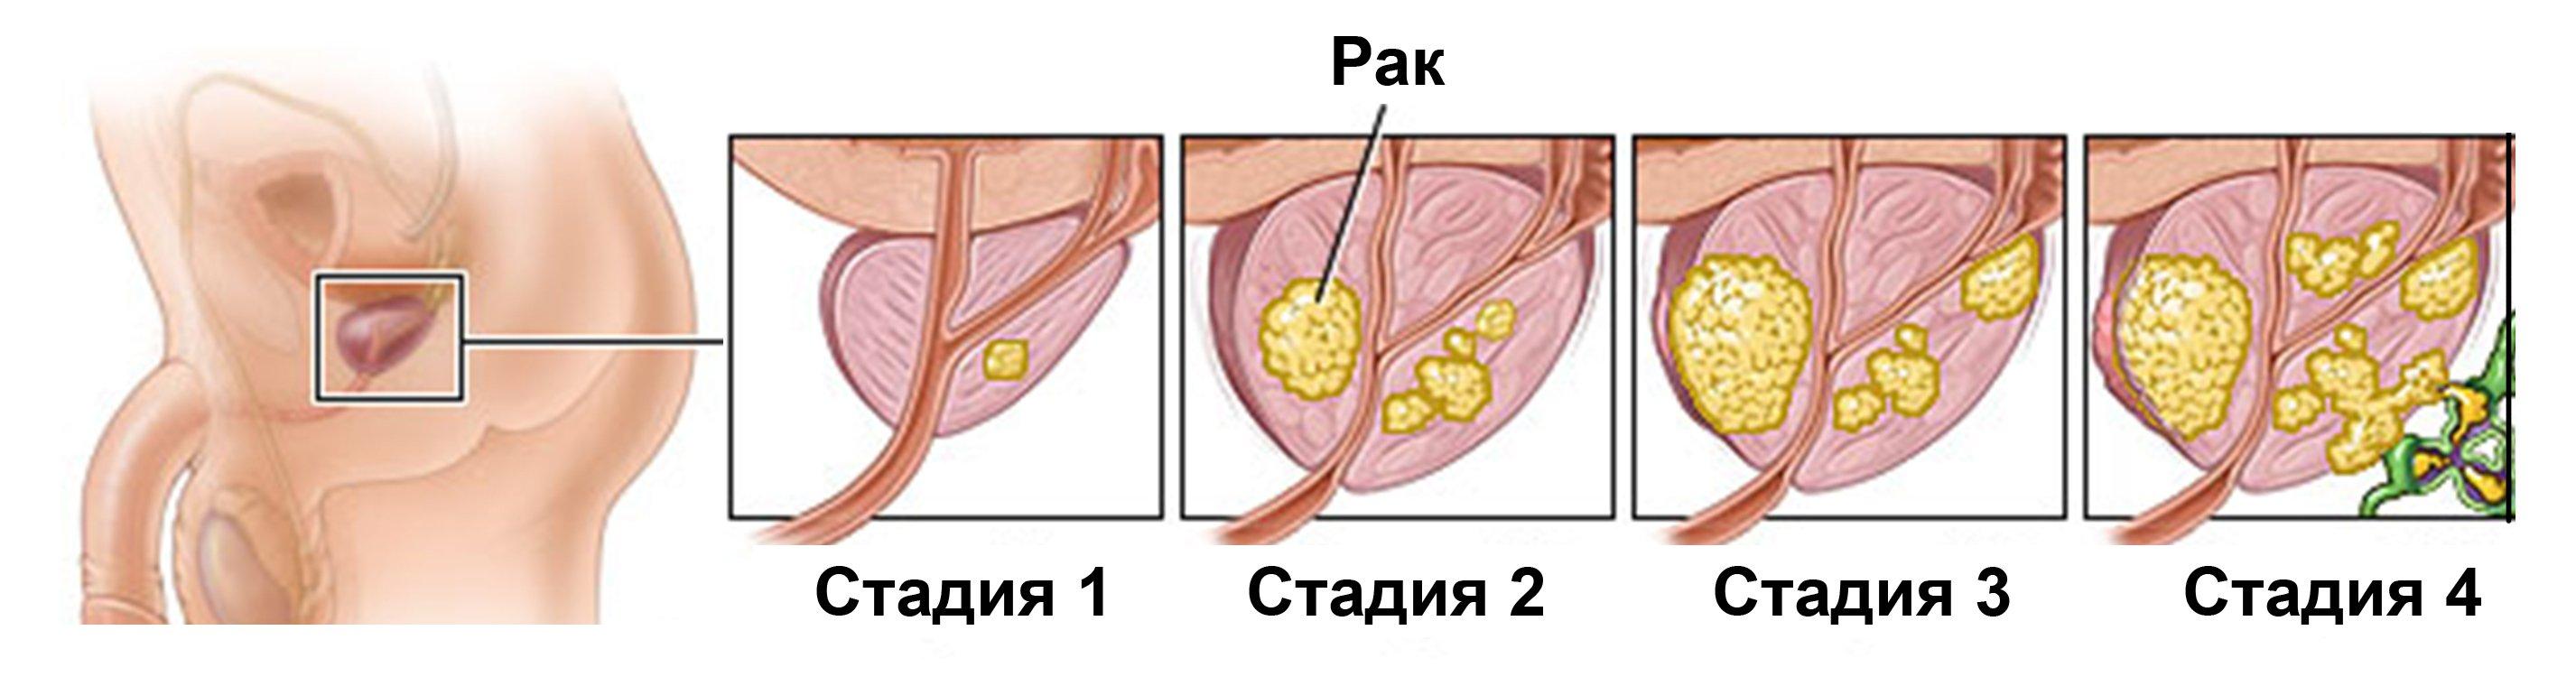 что такое последняя стадия простатита